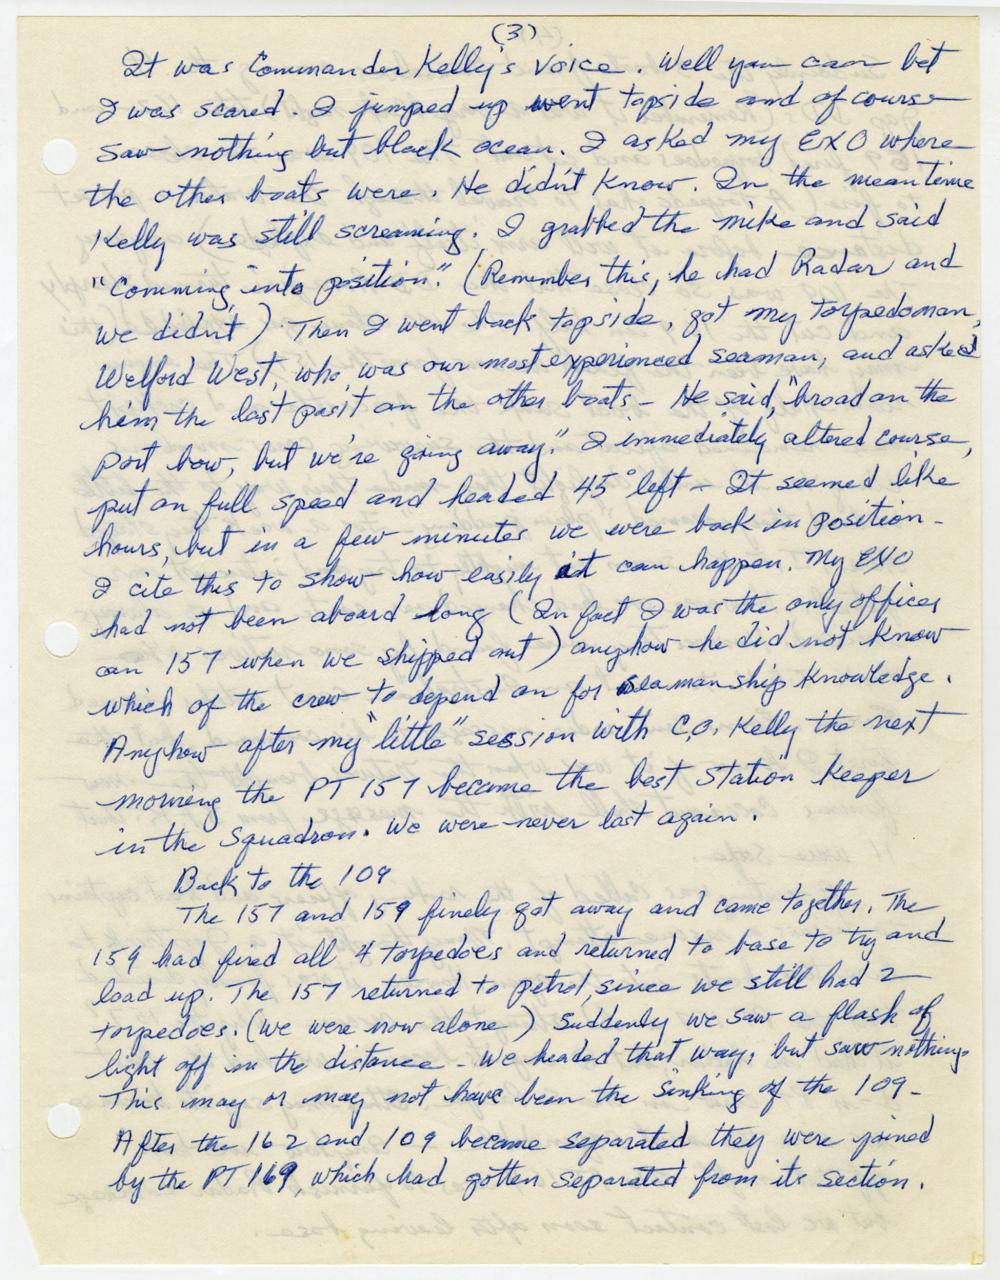 PT-109 JFK Rescue Skipper Tells His Story